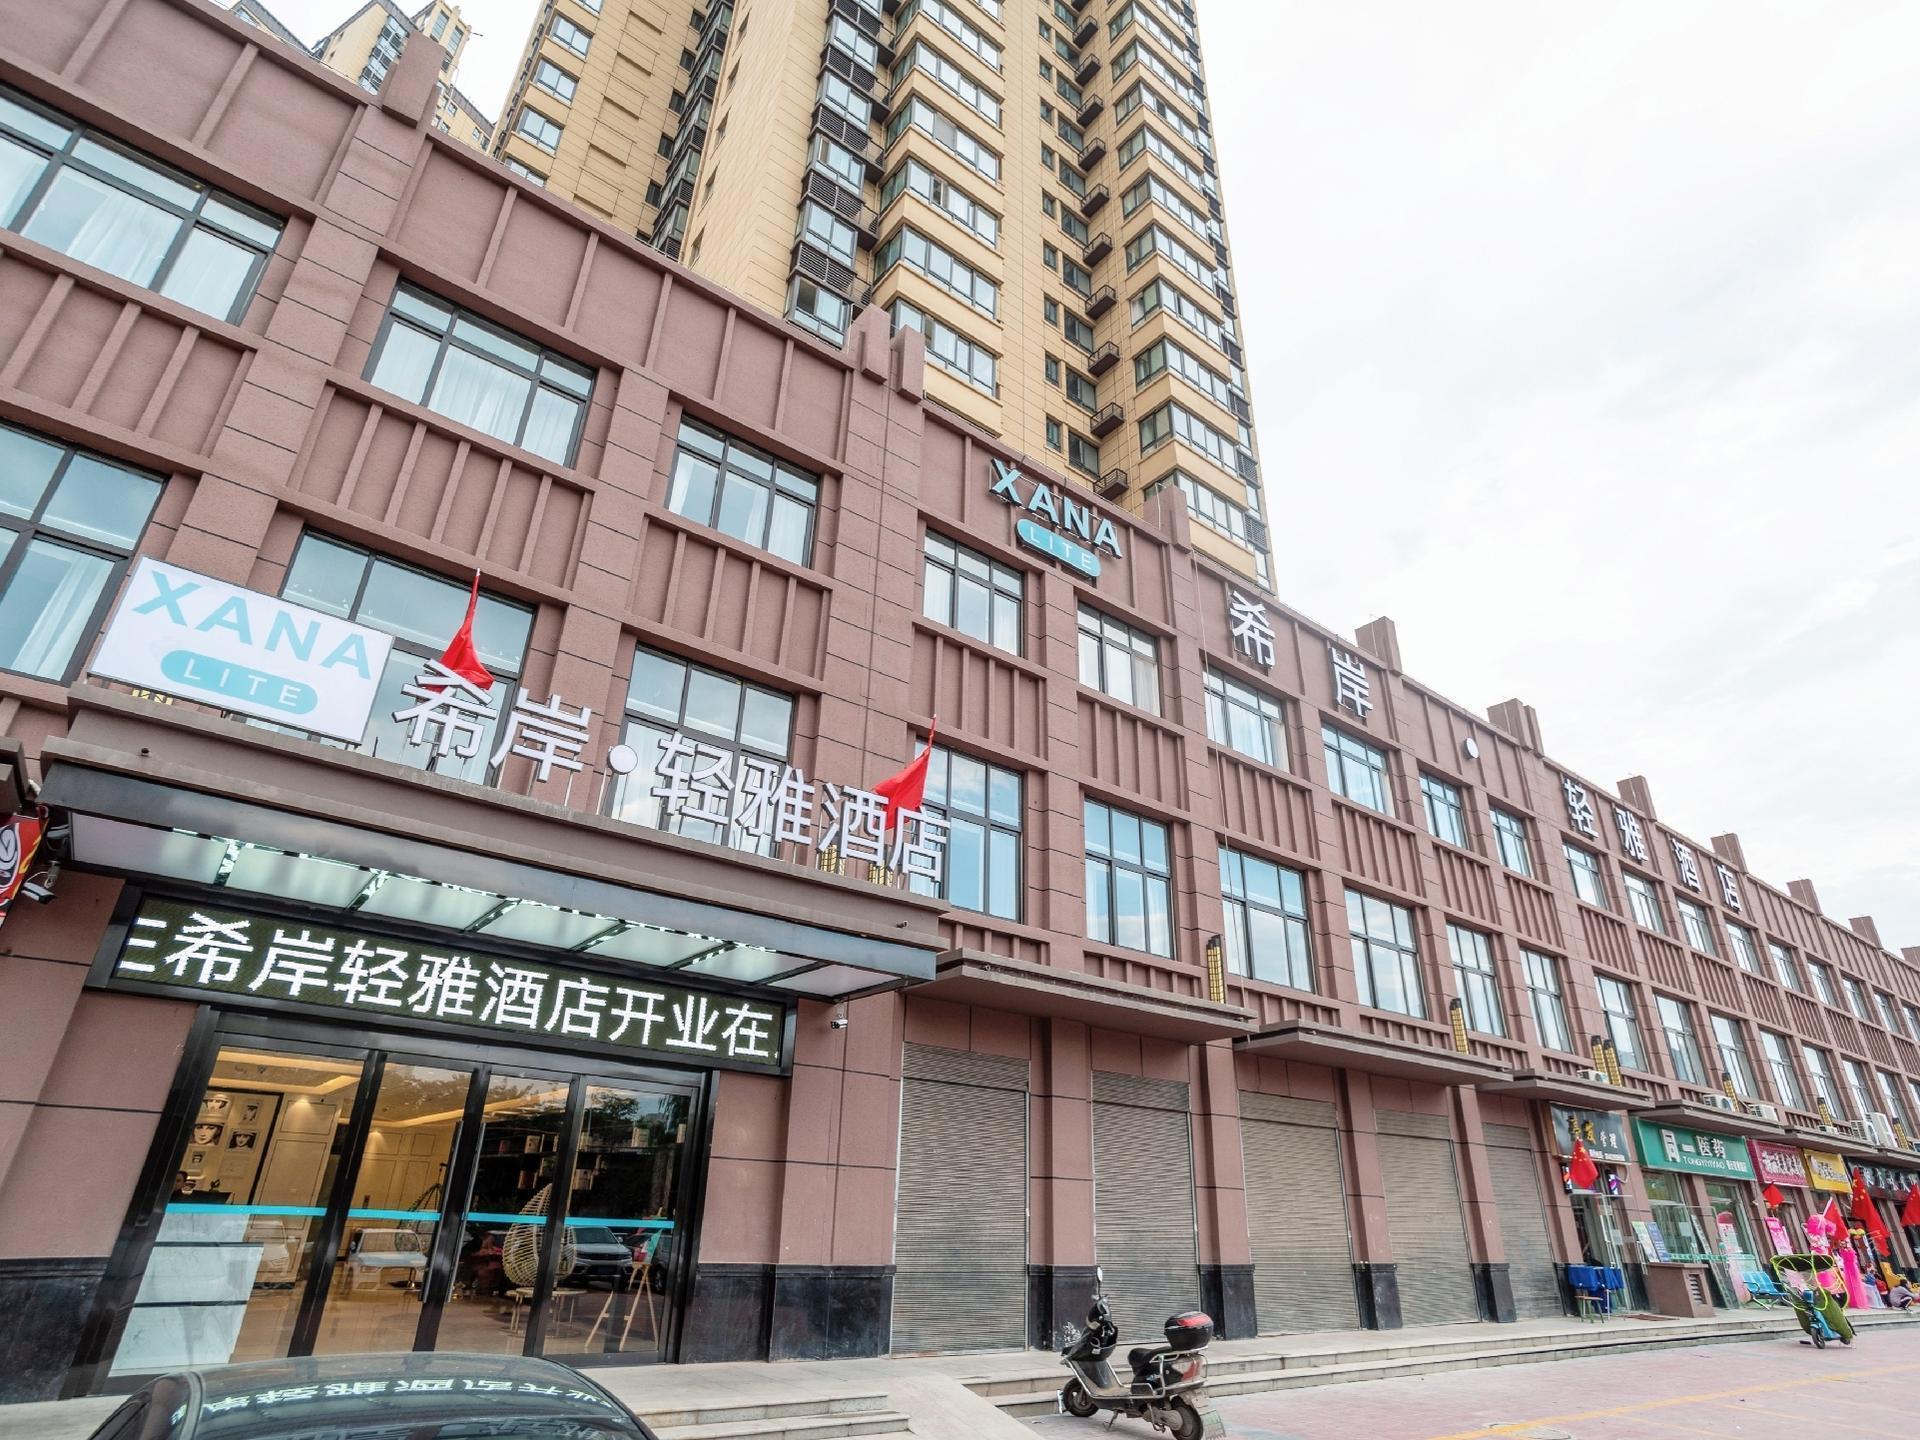 Xana Lite Xi'an Sanqiao Metro Station